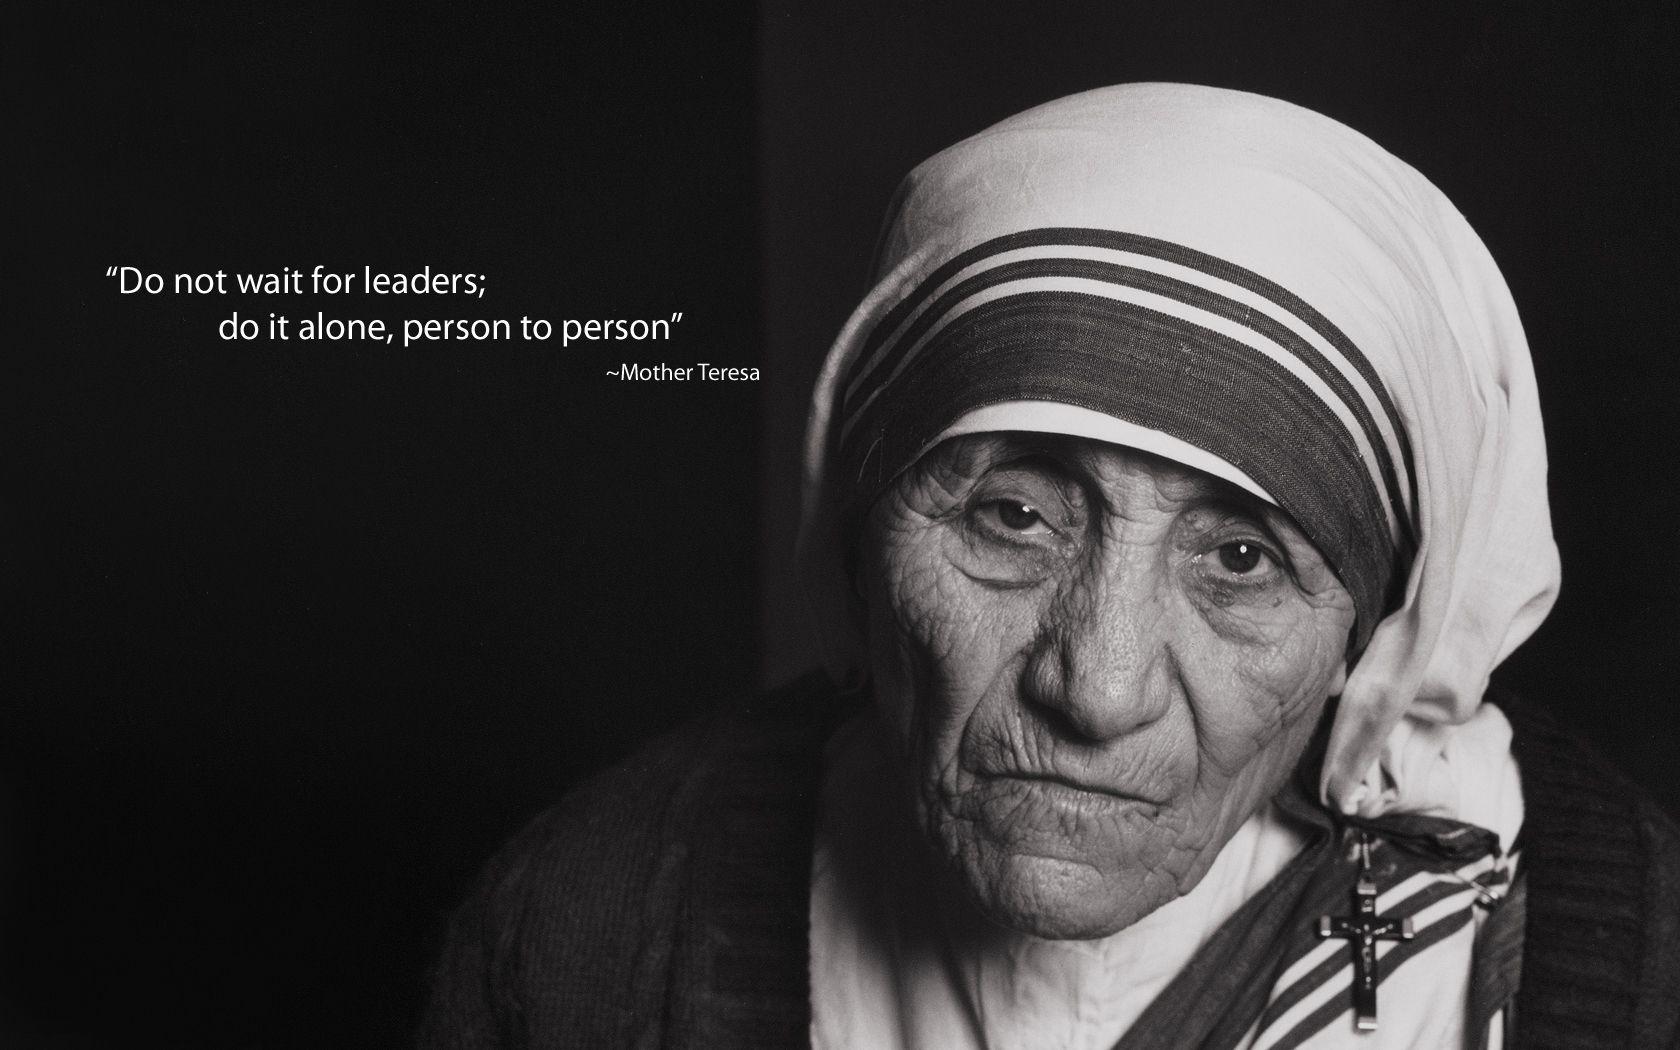 parasta ideaa mother teresa images iss auml auml iti teresa 17 parasta ideaa mother teresa images issauml aumliti teresa katolinen kirkko ja catholic prayers